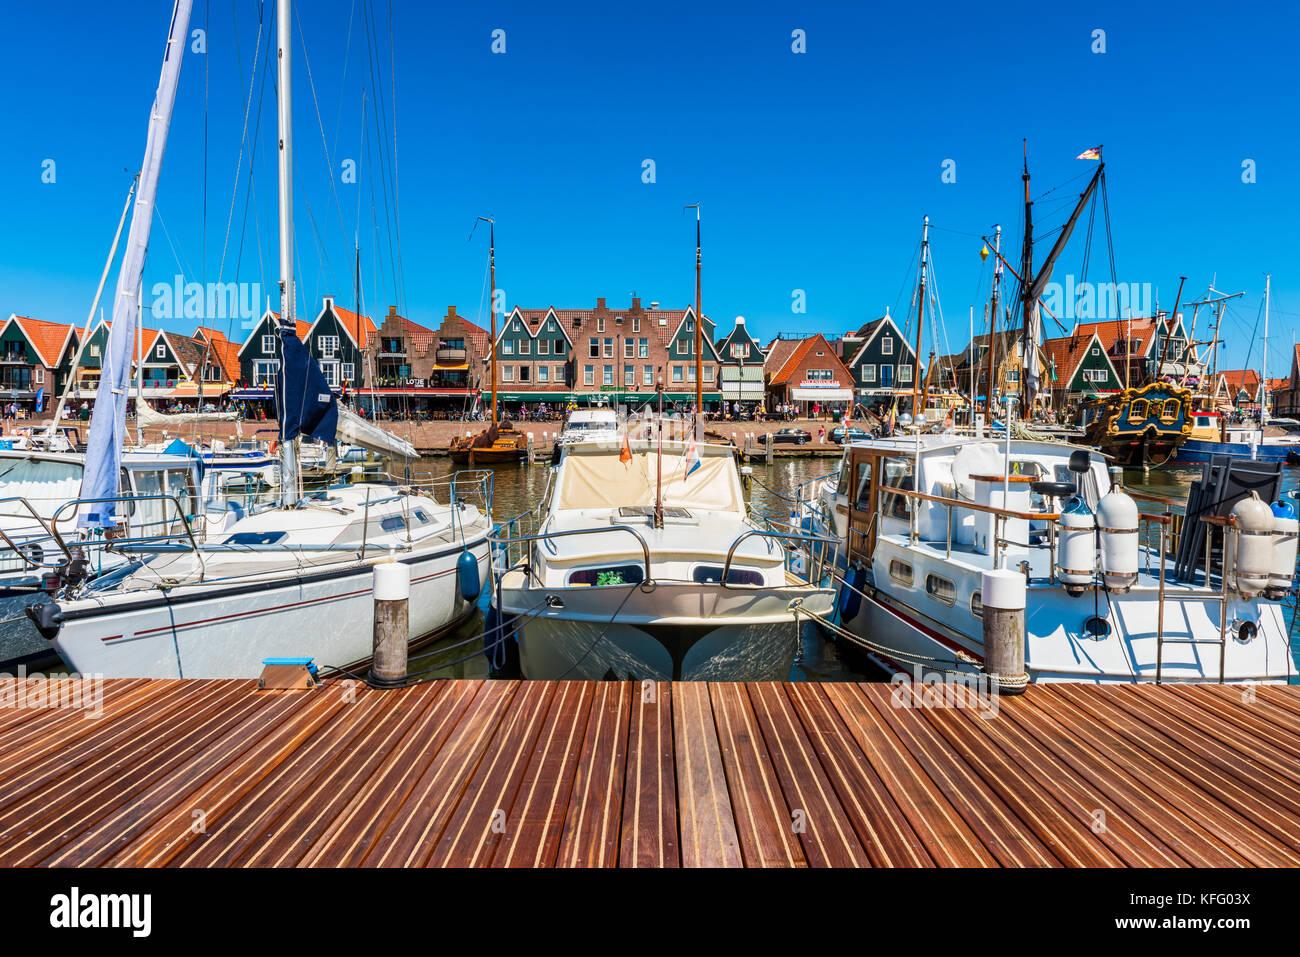 Ver en Volendam y su puerto deportivo, en los Países Bajos. Volendam es un pueblo pesquero y atracción Imagen De Stock